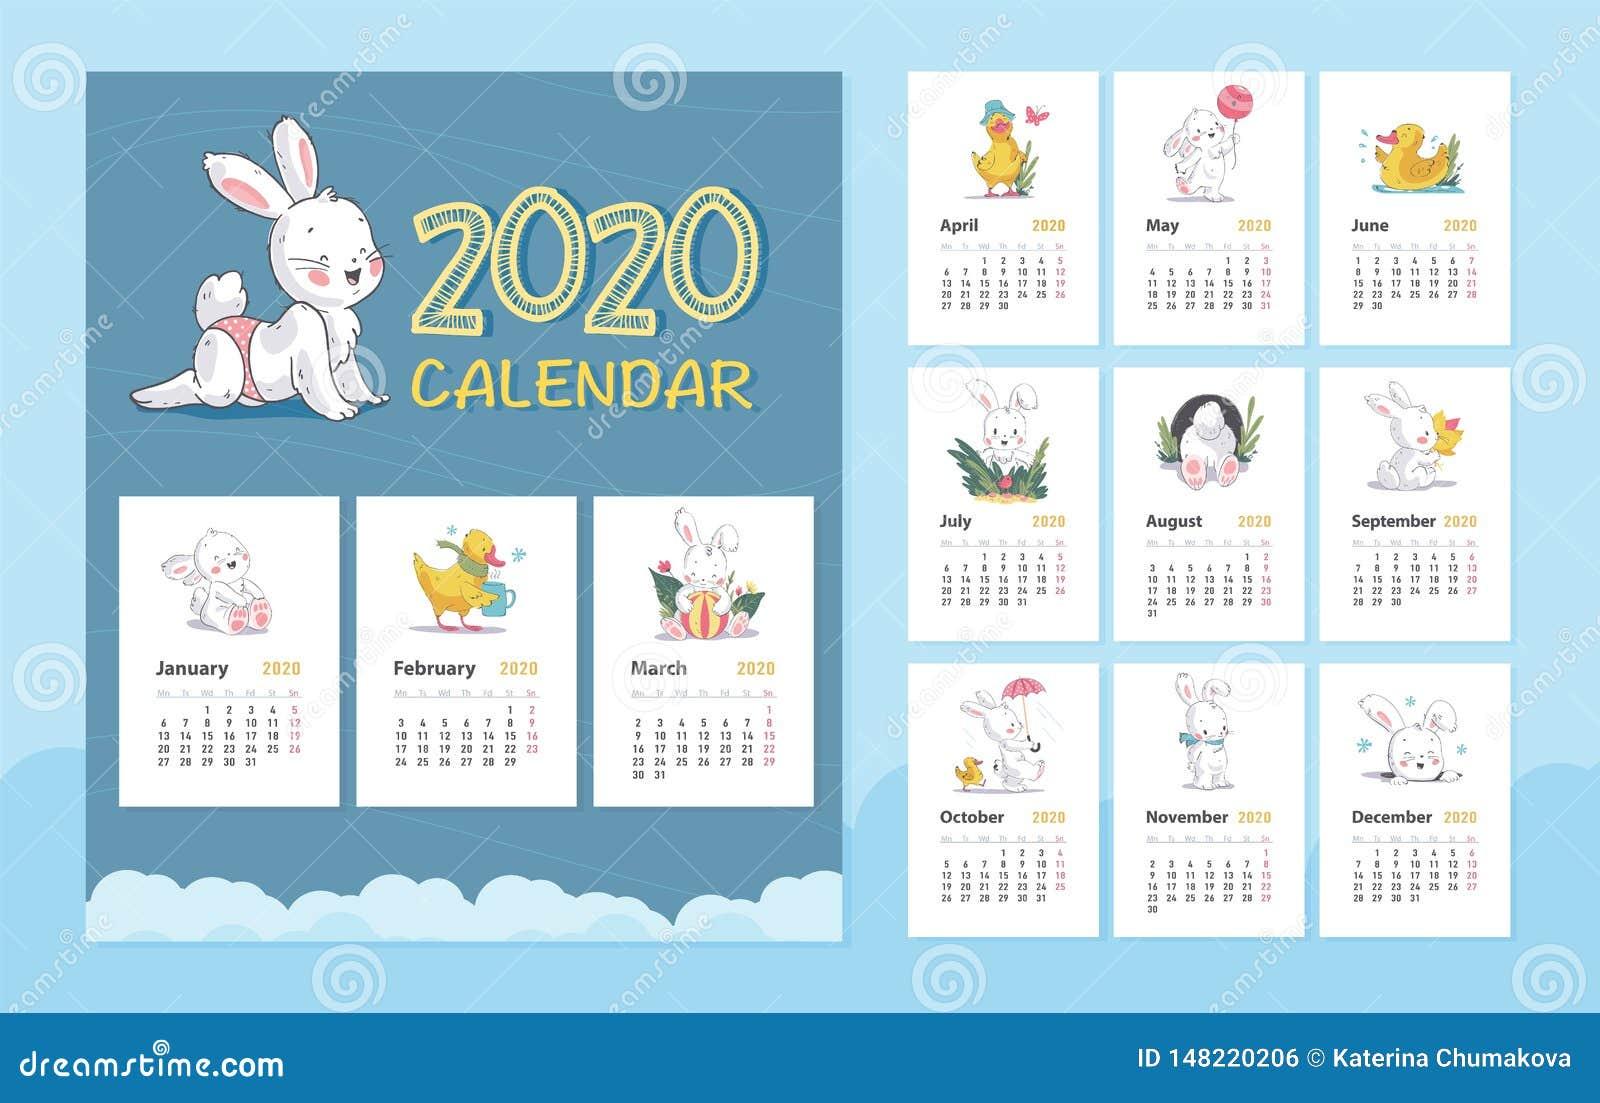 Duck Calendar 2020 Vector 2020 Baby Calendar Design Template With Cute White Bunny